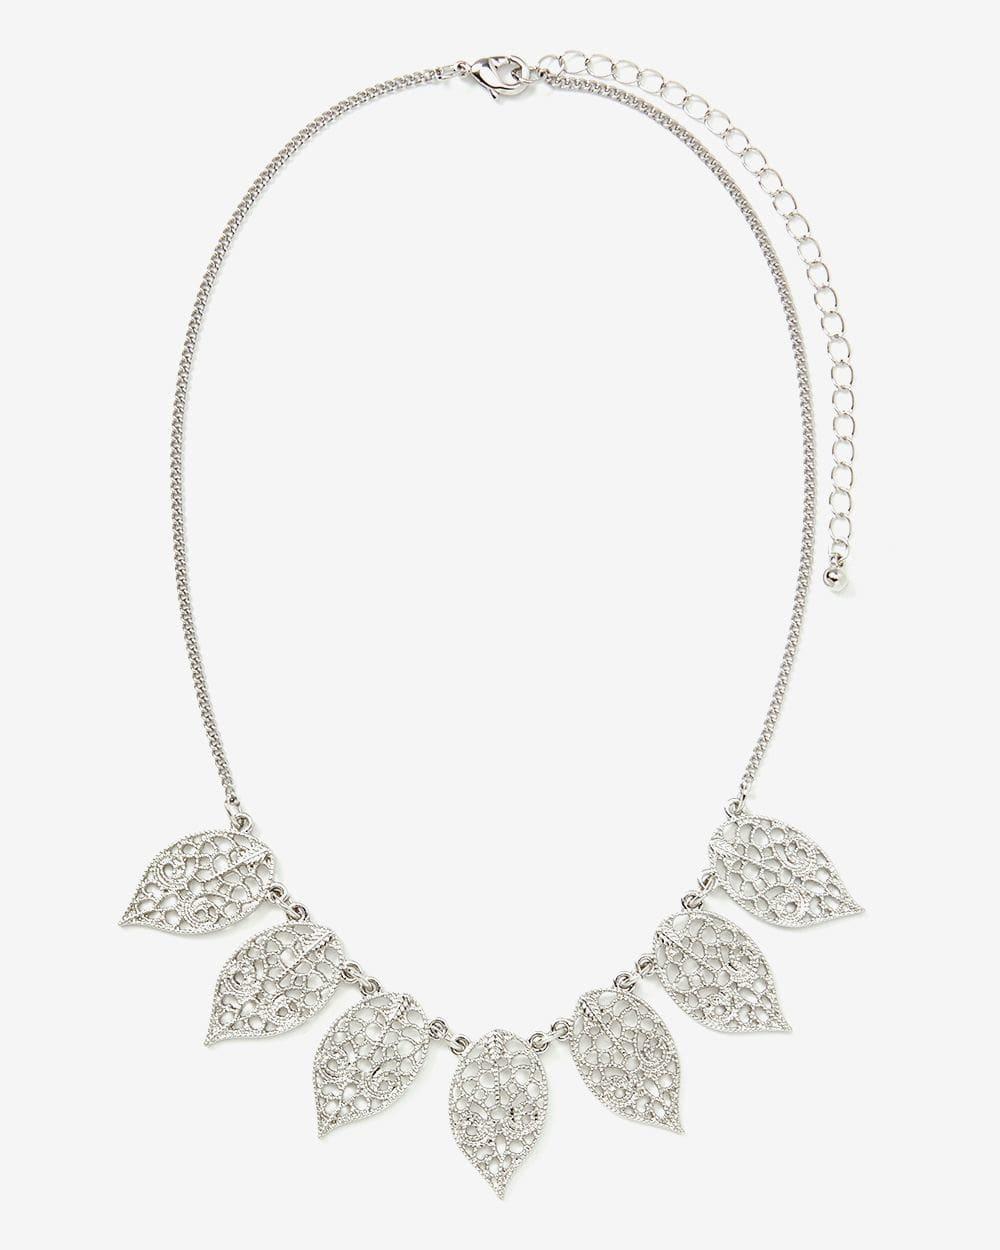 7-Pieces Filigree Necklace